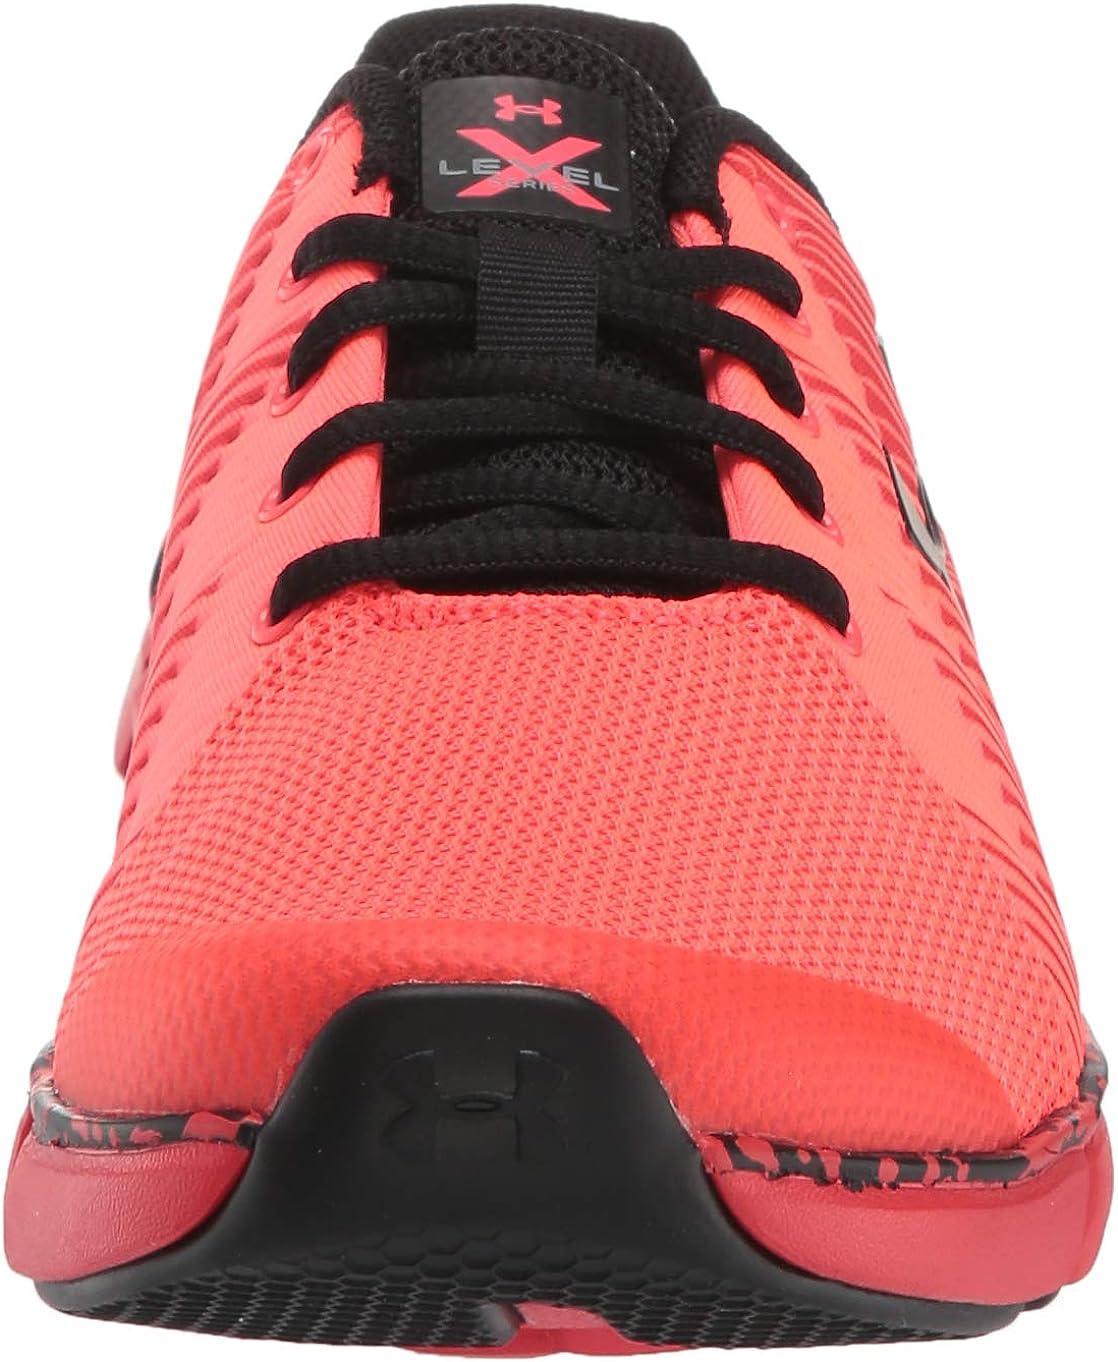 Under Armour Boys Pre School X Level Scramjet 2 Sneaker